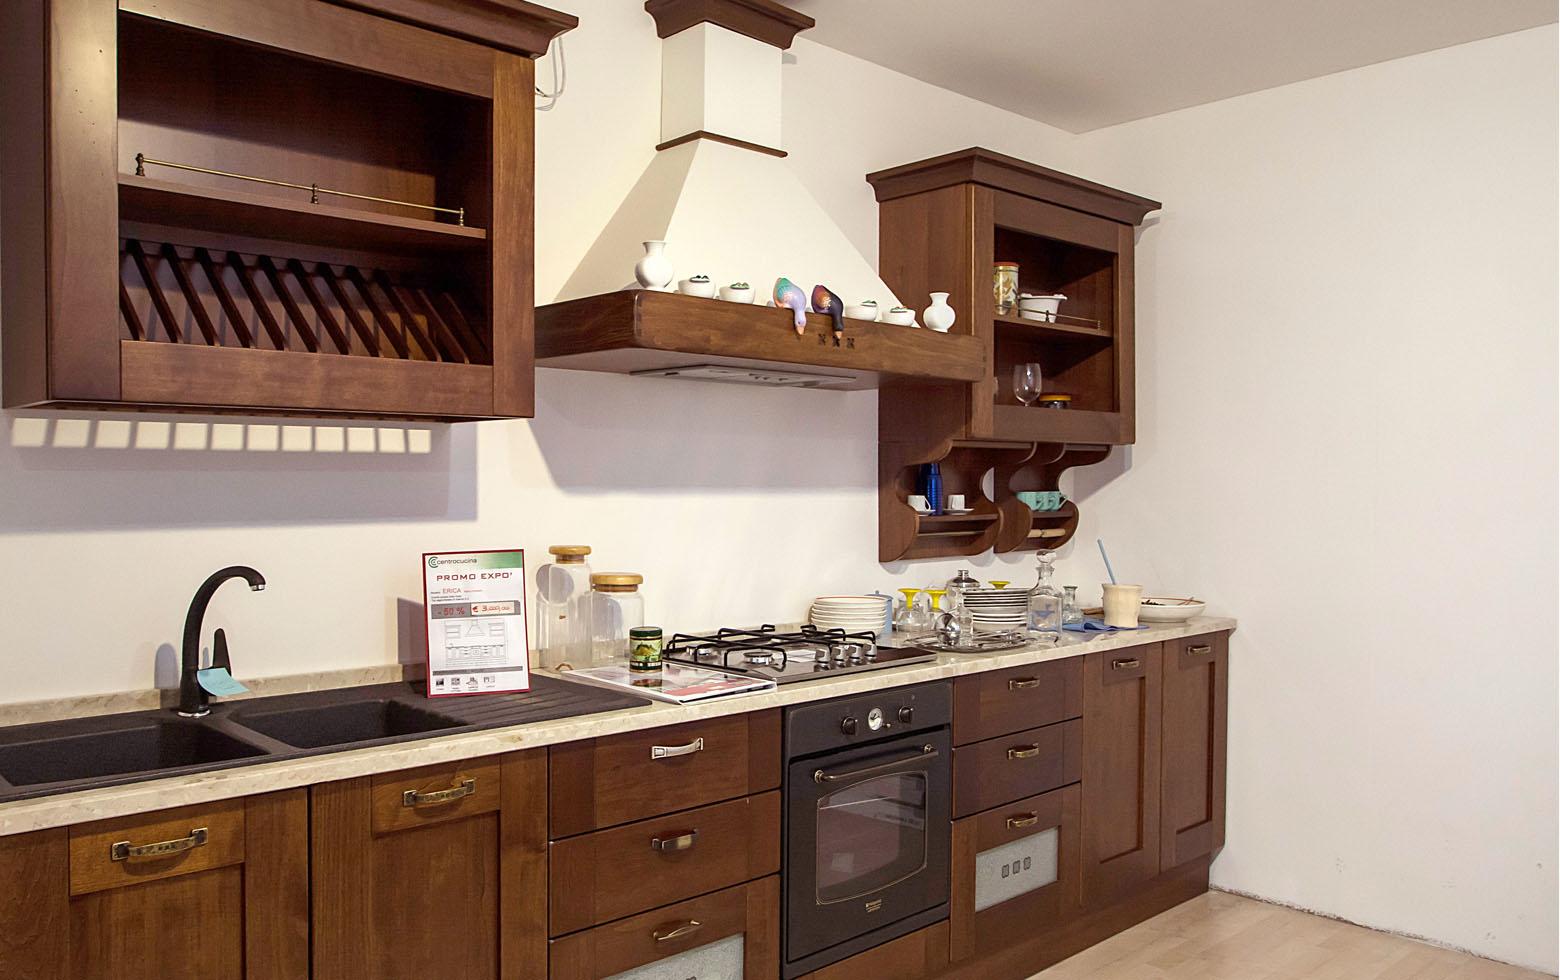 Offerta speciale cucine lube centro cucina for Lube cucine prezzi